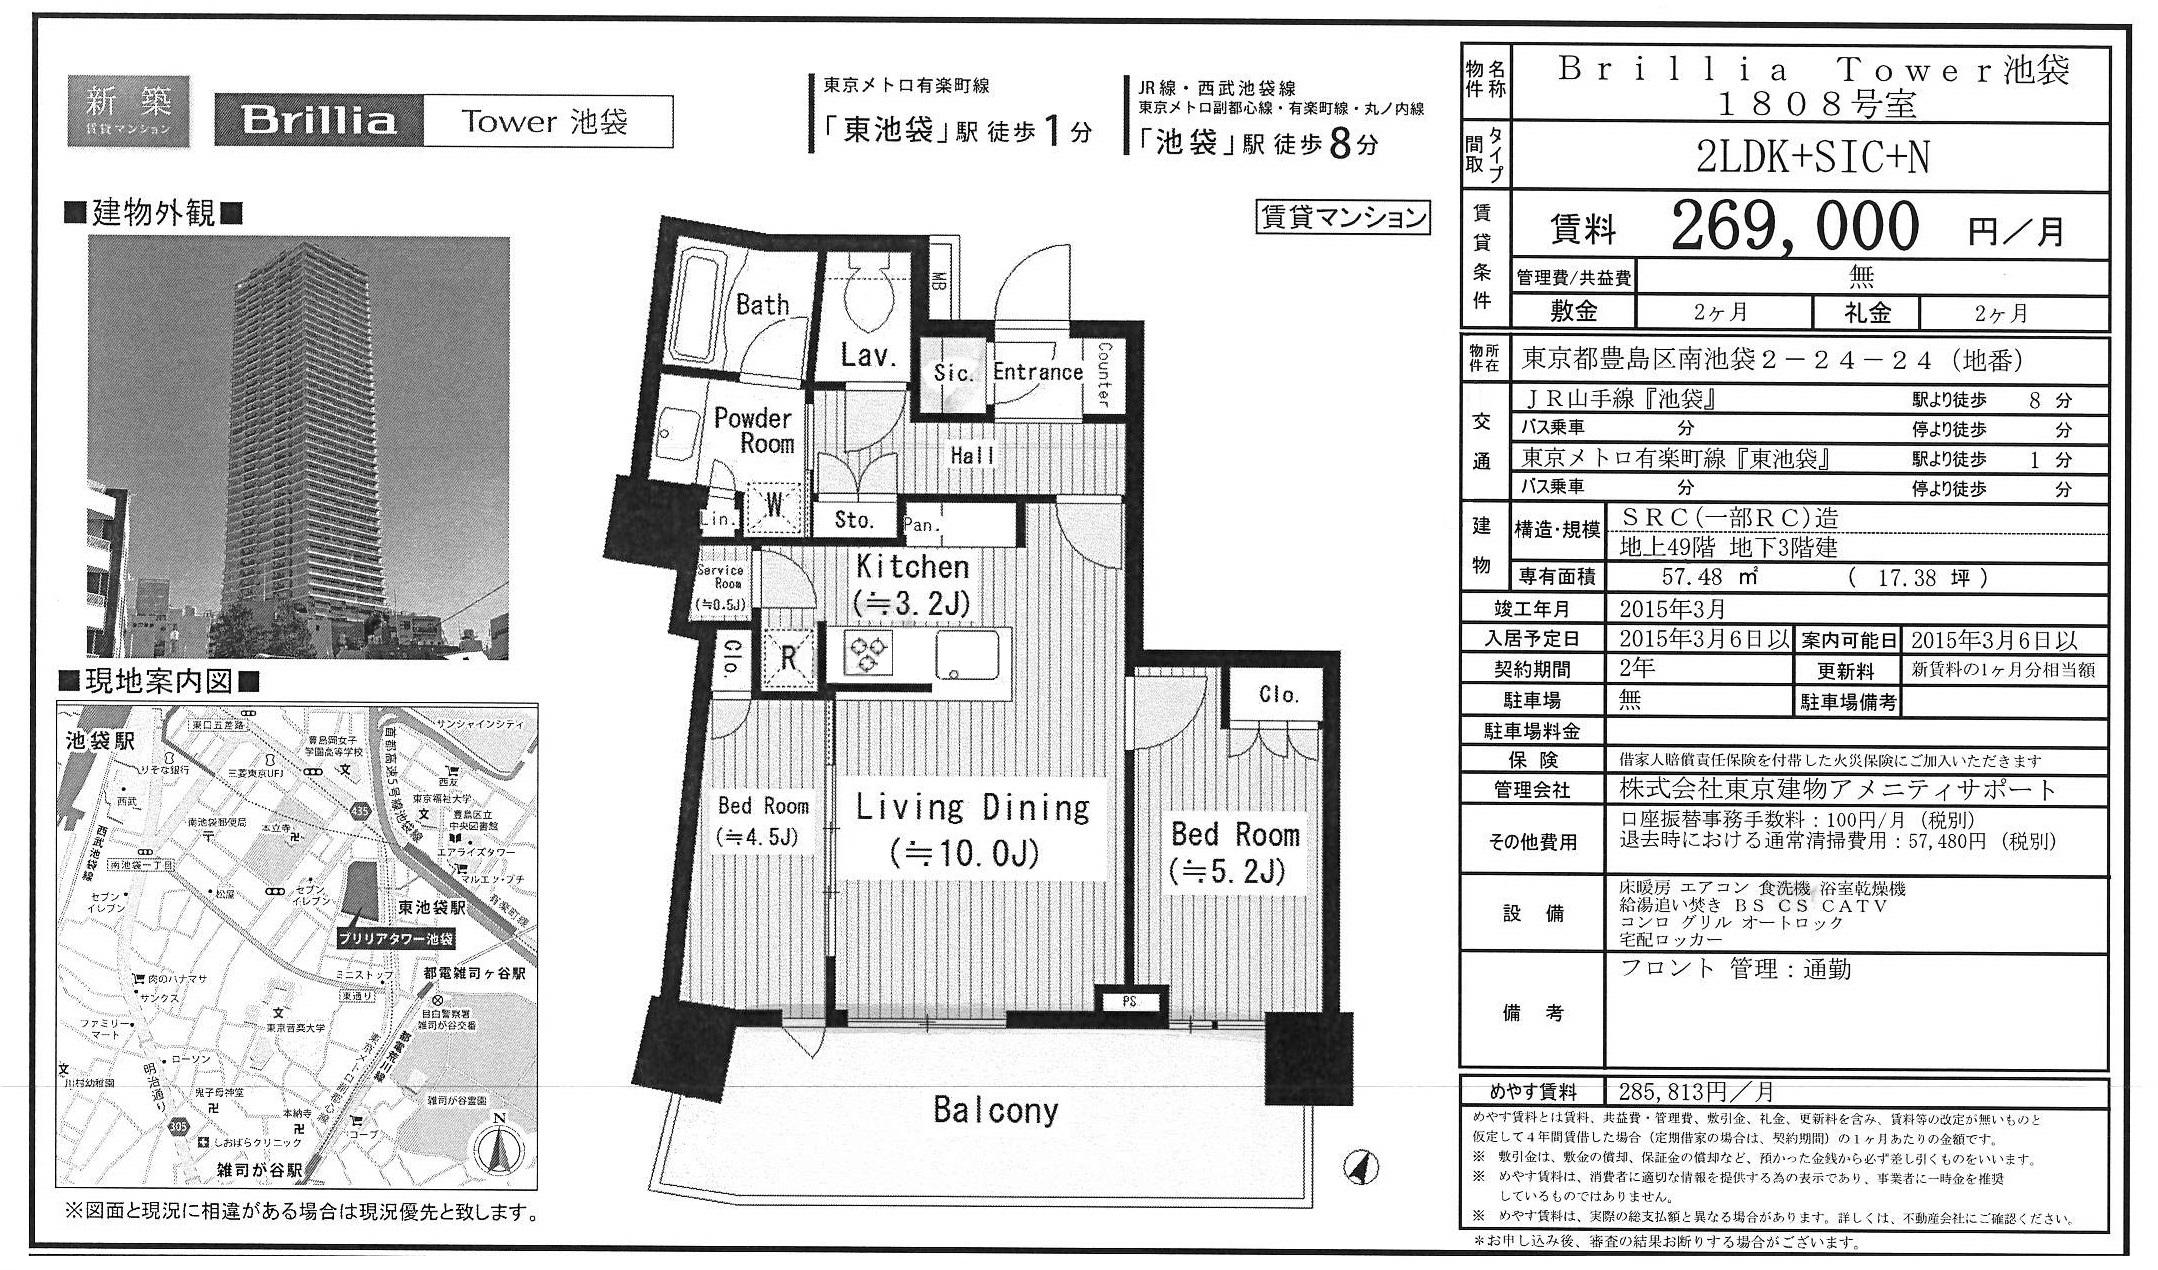 ブリリアタワー池袋図面1808号室